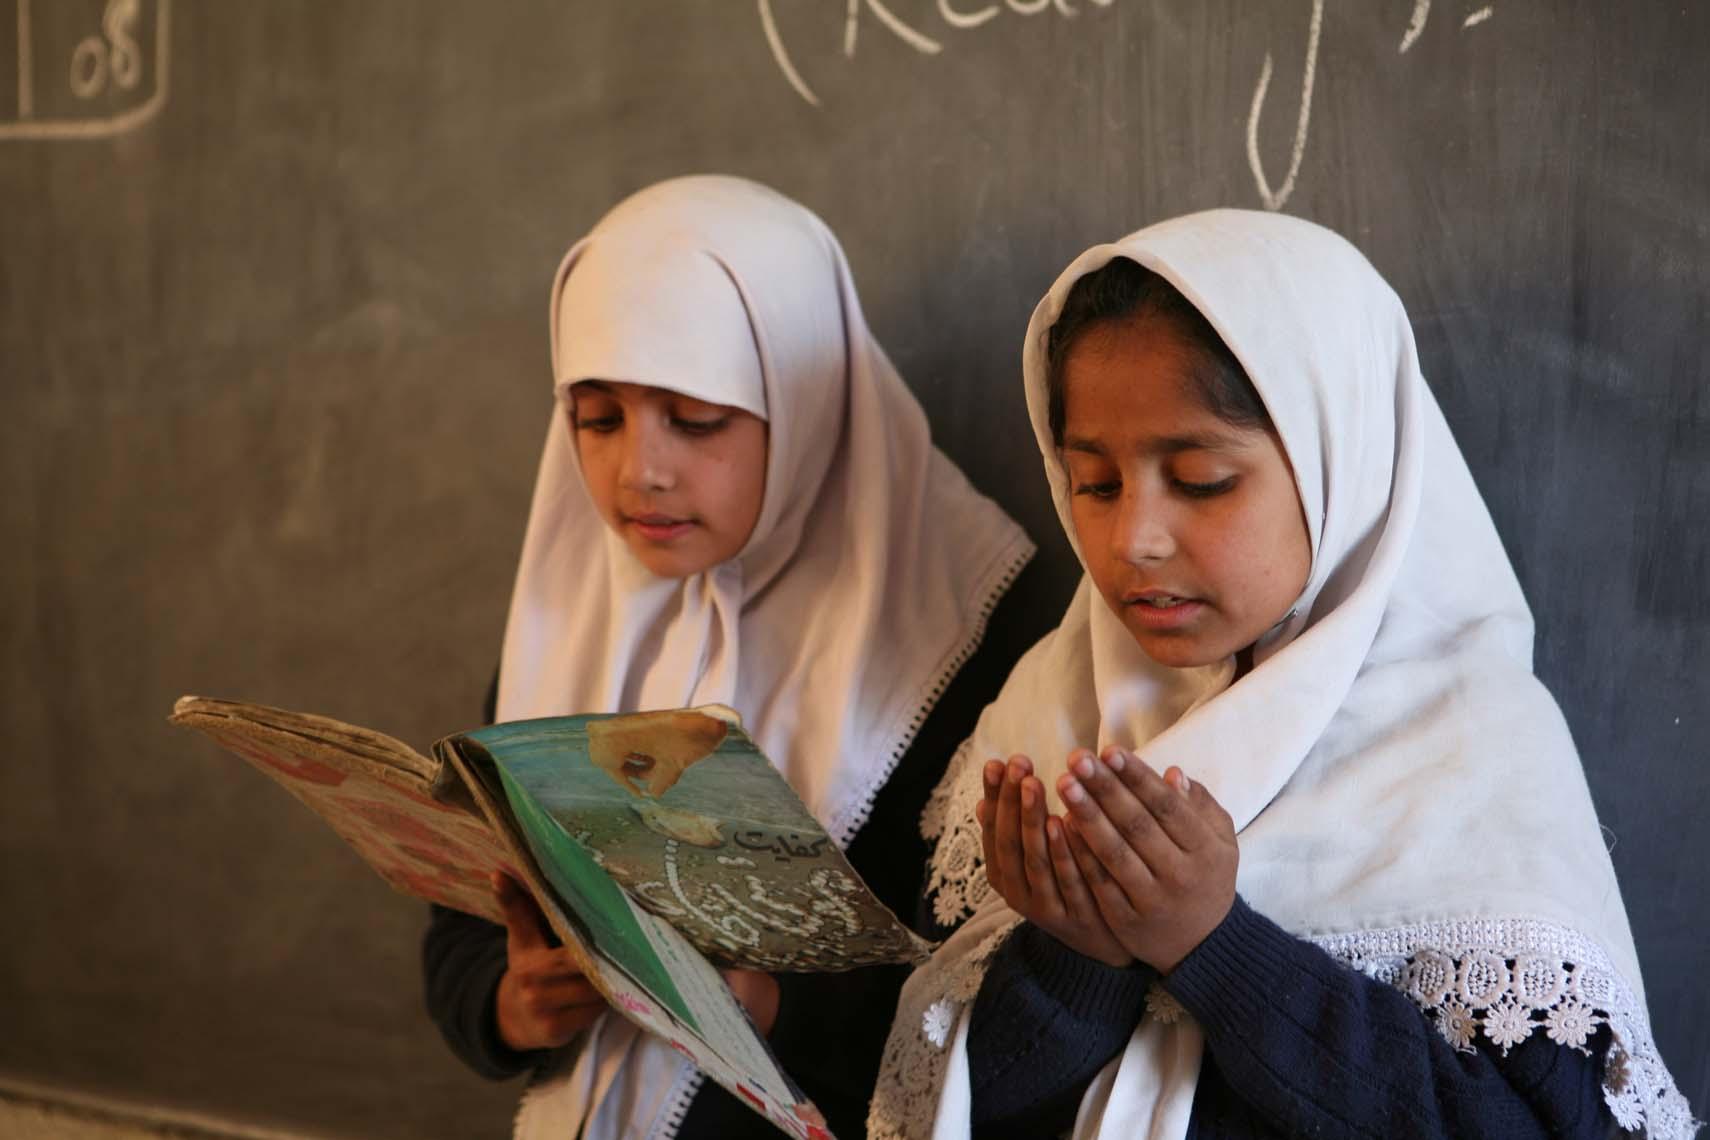 Escuela pública para niñas (Pakistán)